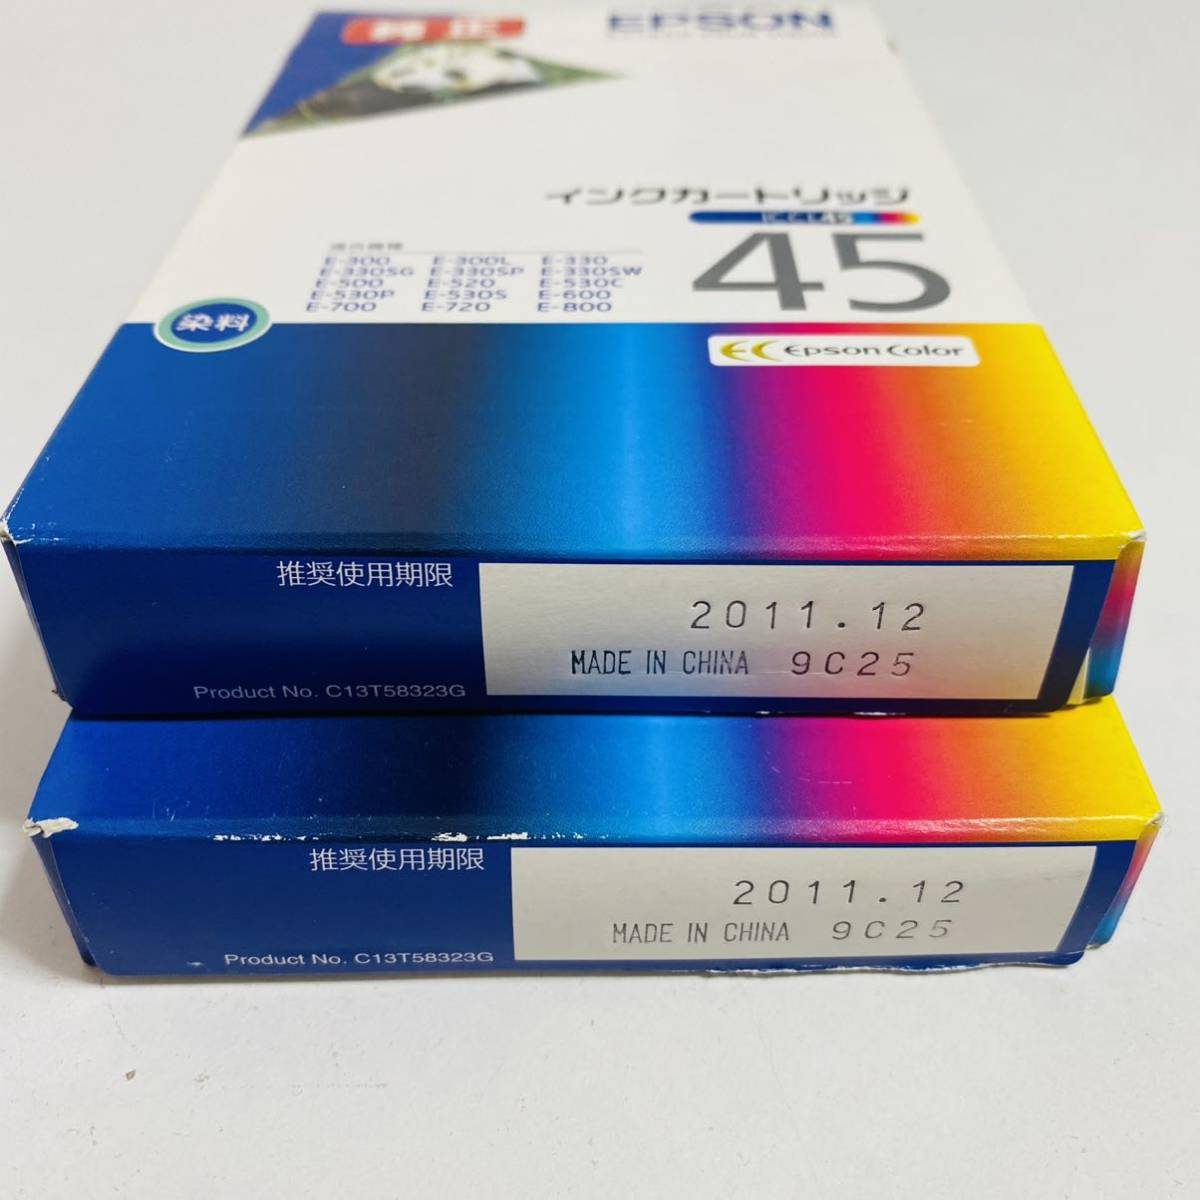 【未開封品】EPSON エプソン 純正インクカートリッジ ICCL45 期限切れ 2個セット_画像2